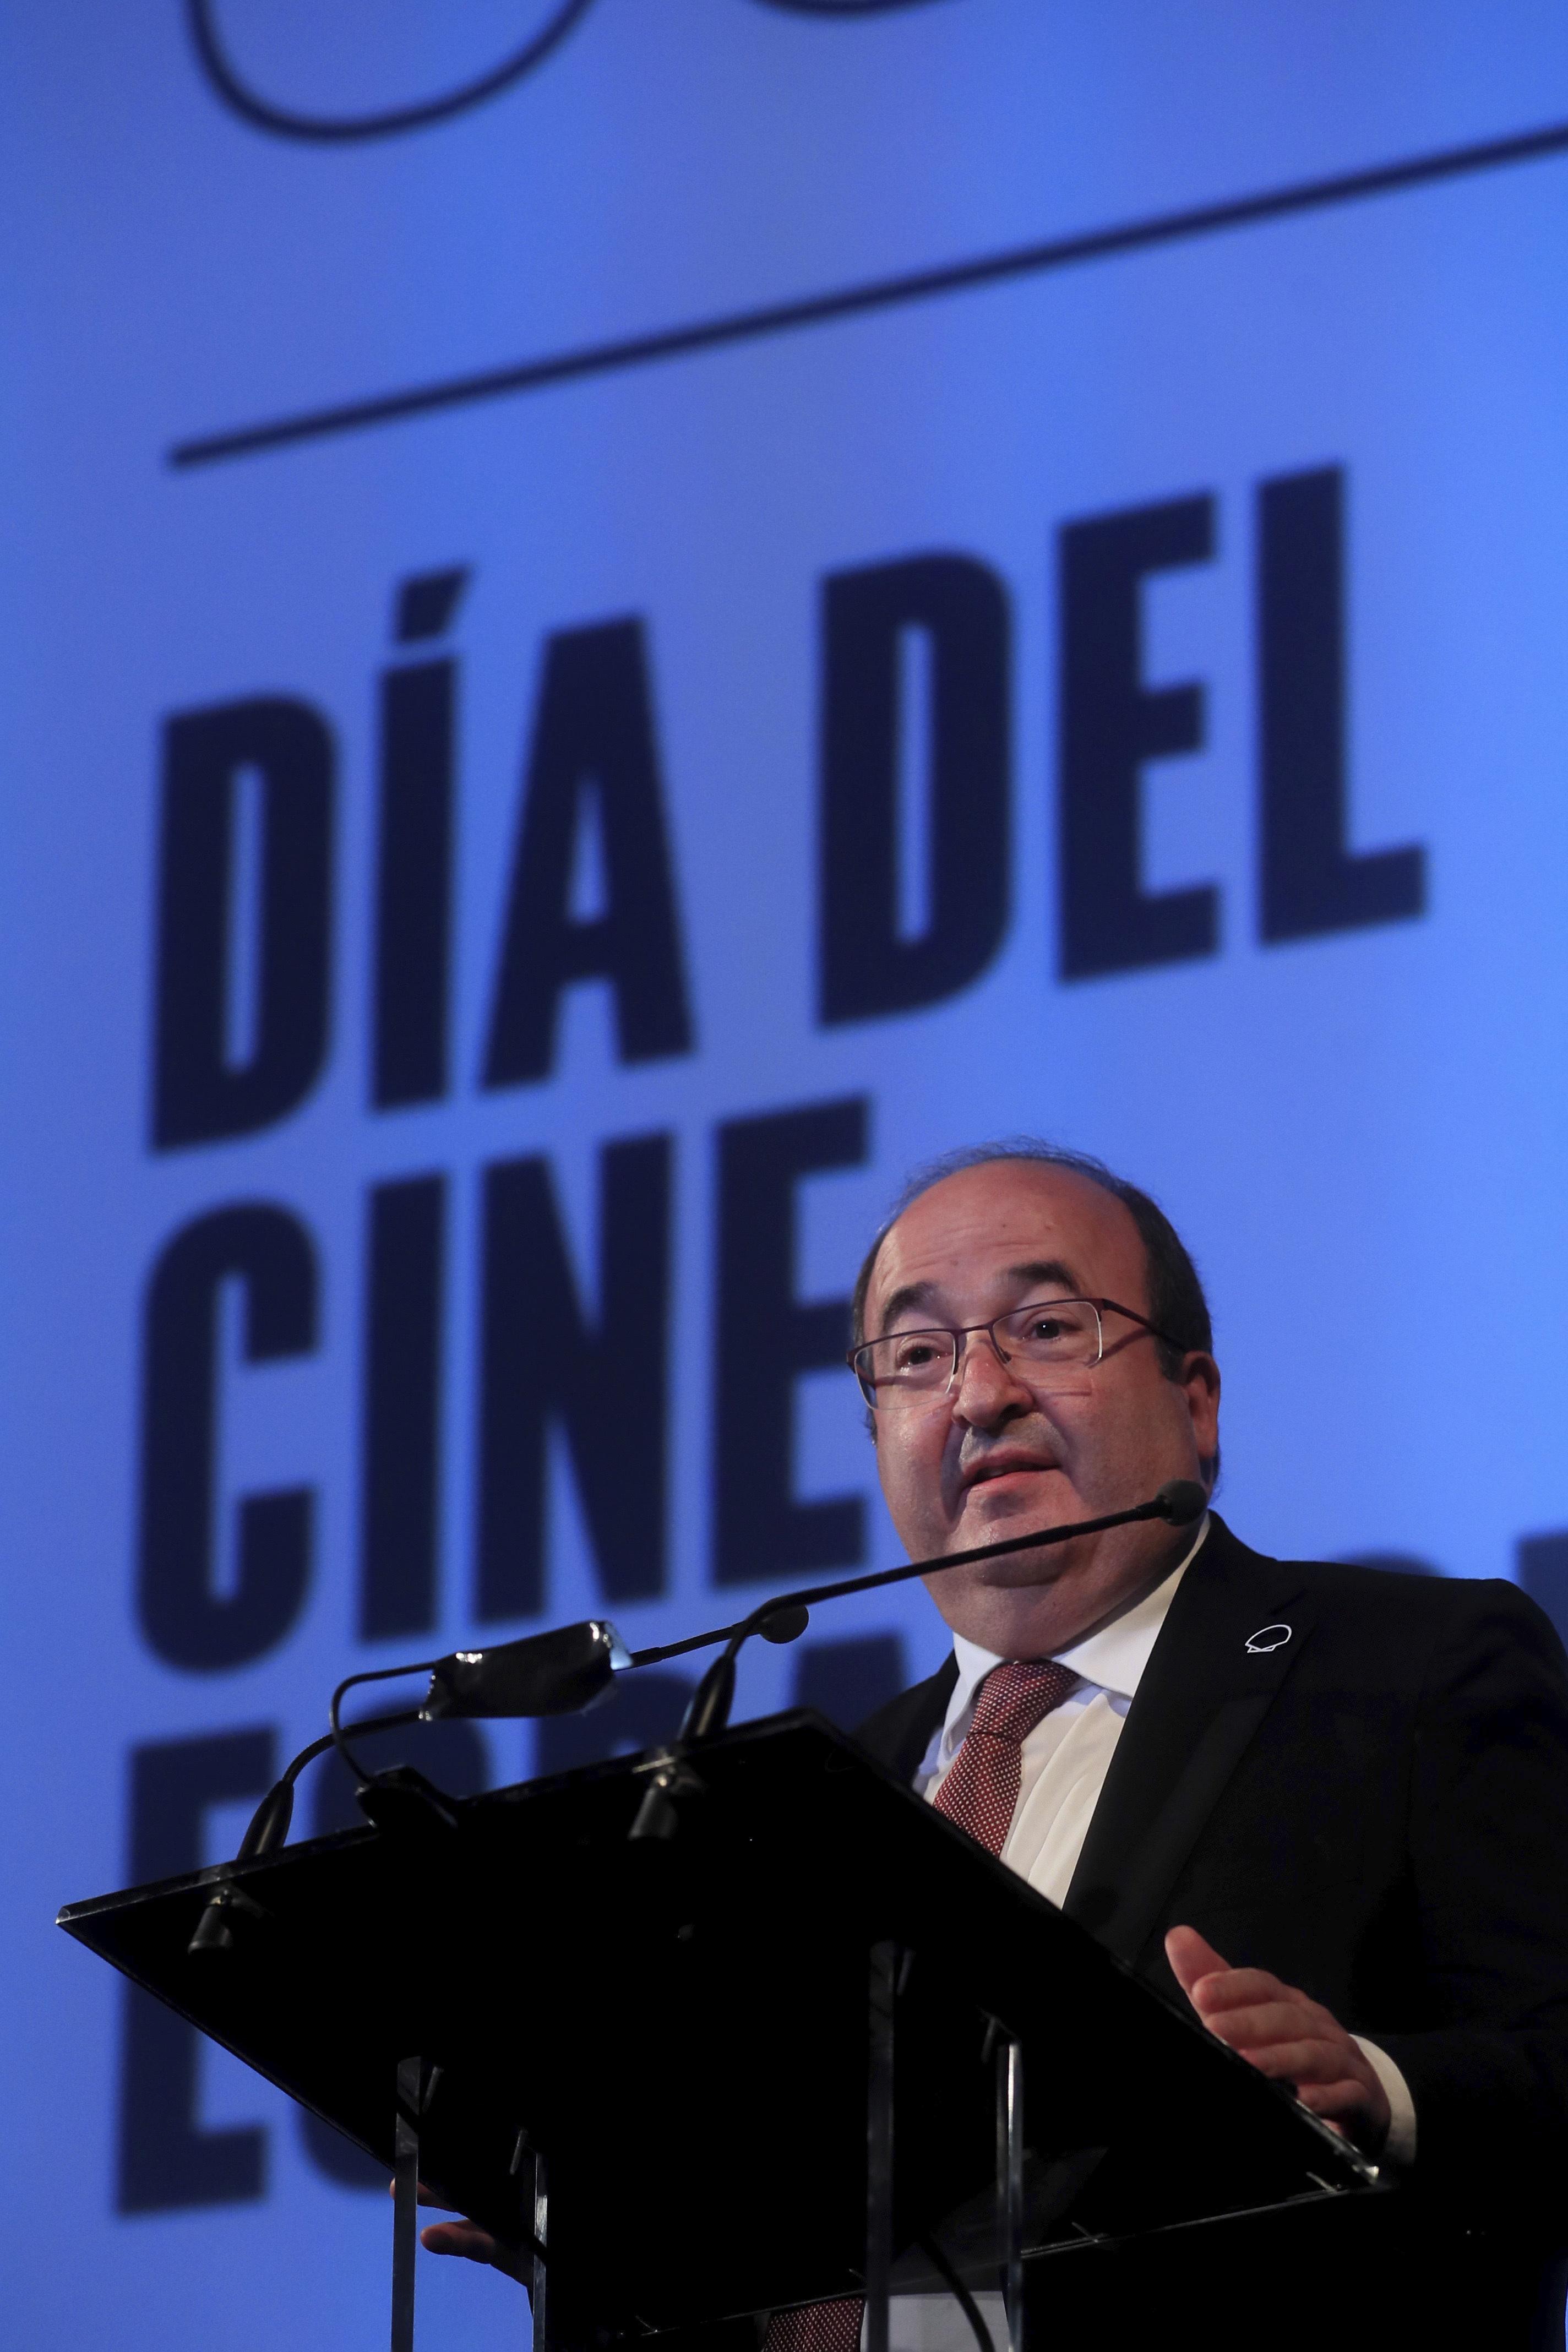 El ministro de Cultura y Deporte, Miquel  Iceta, durante la celebración del Día del Cine Español en el cine Doré, sede de la Filmoteca Española.